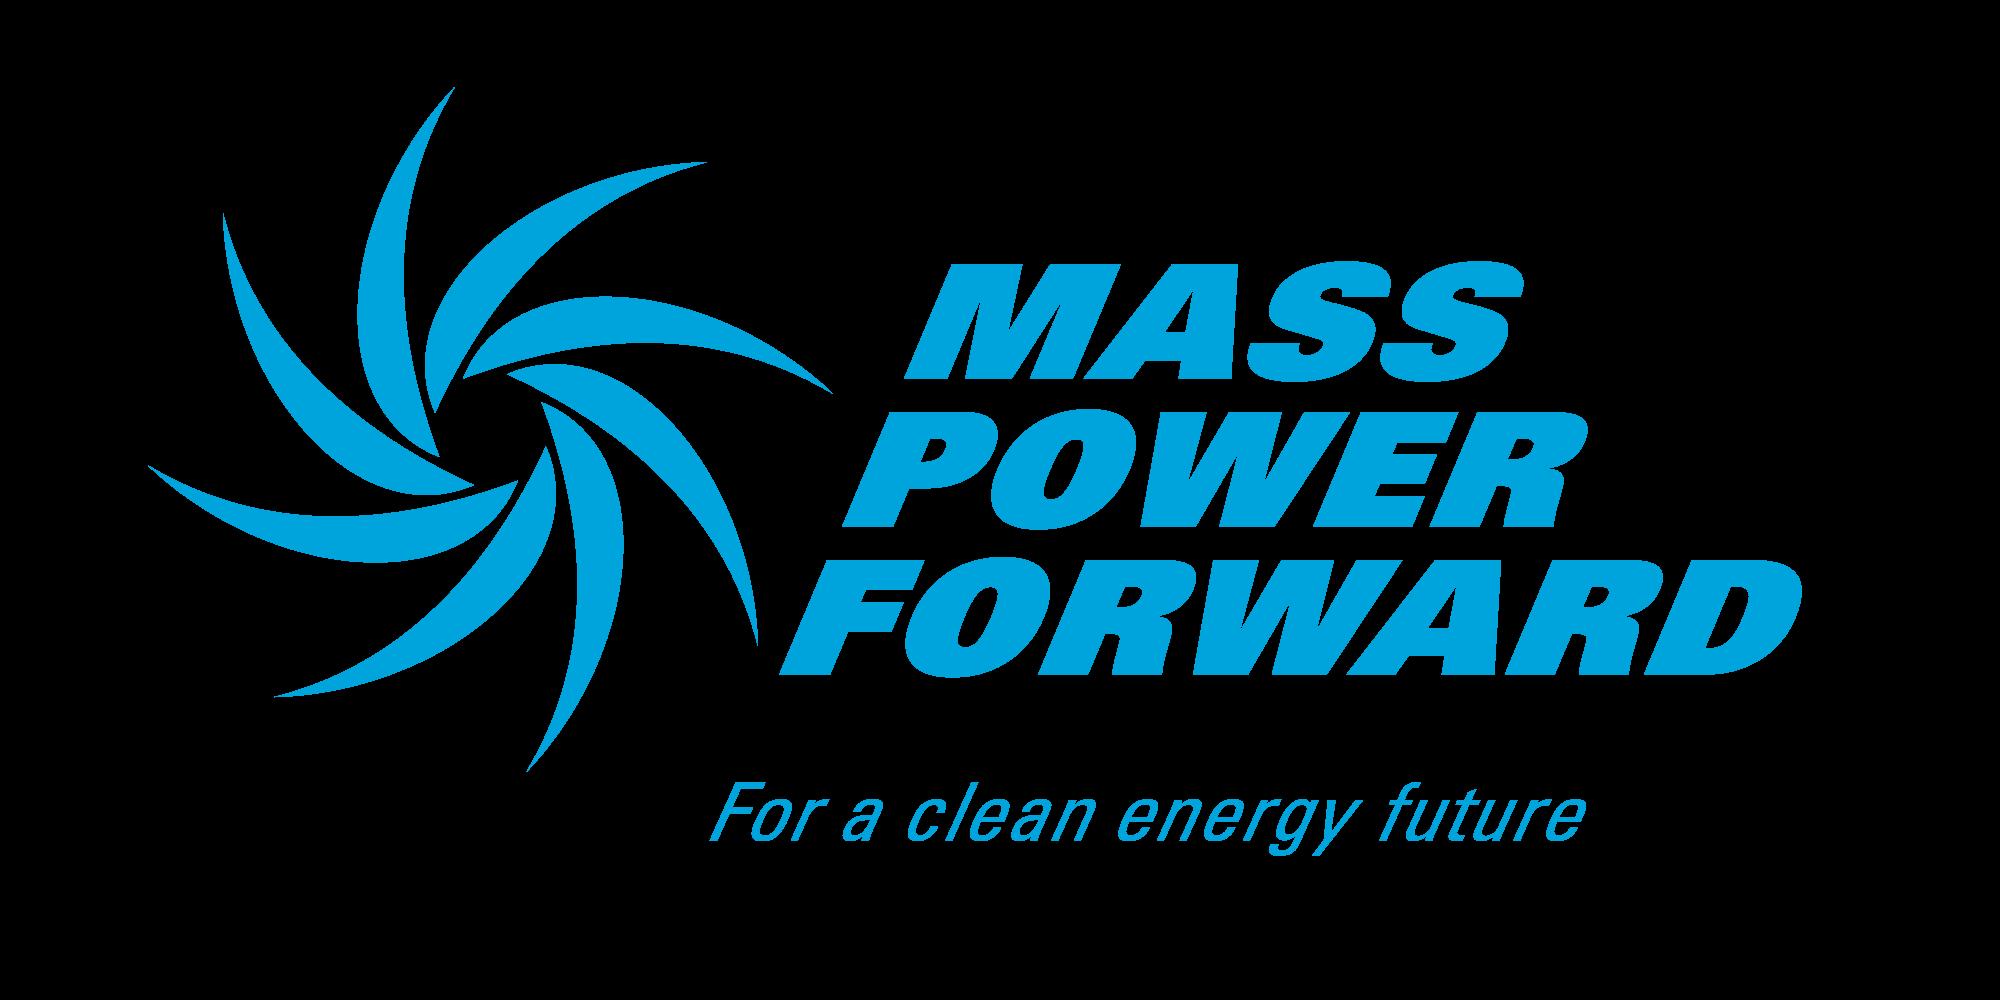 Mpf-logo-tagline-blue